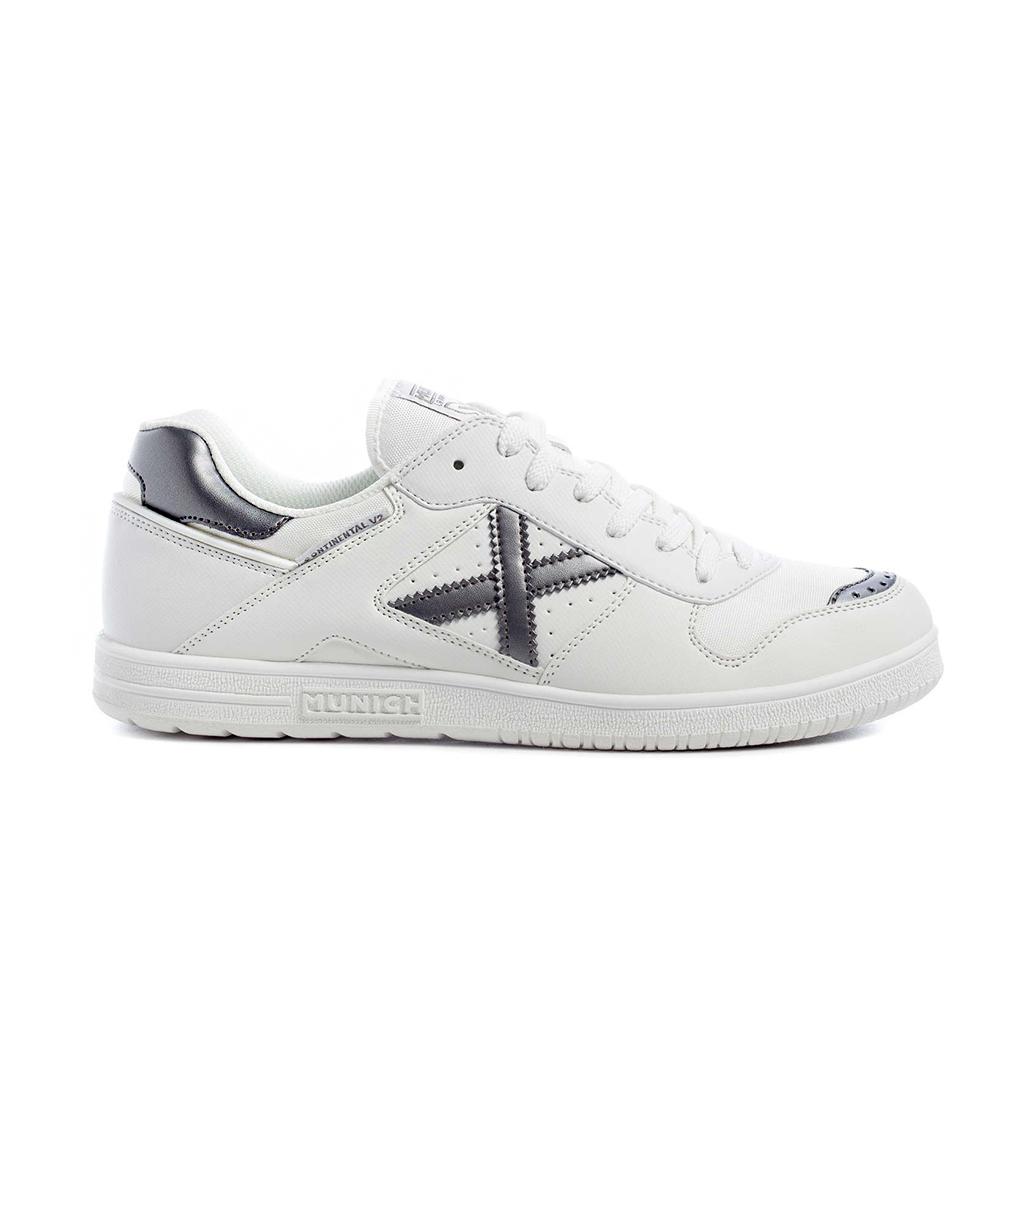 Купить белые футзалки Munich Continental V2 4104011 в интернет-магазине